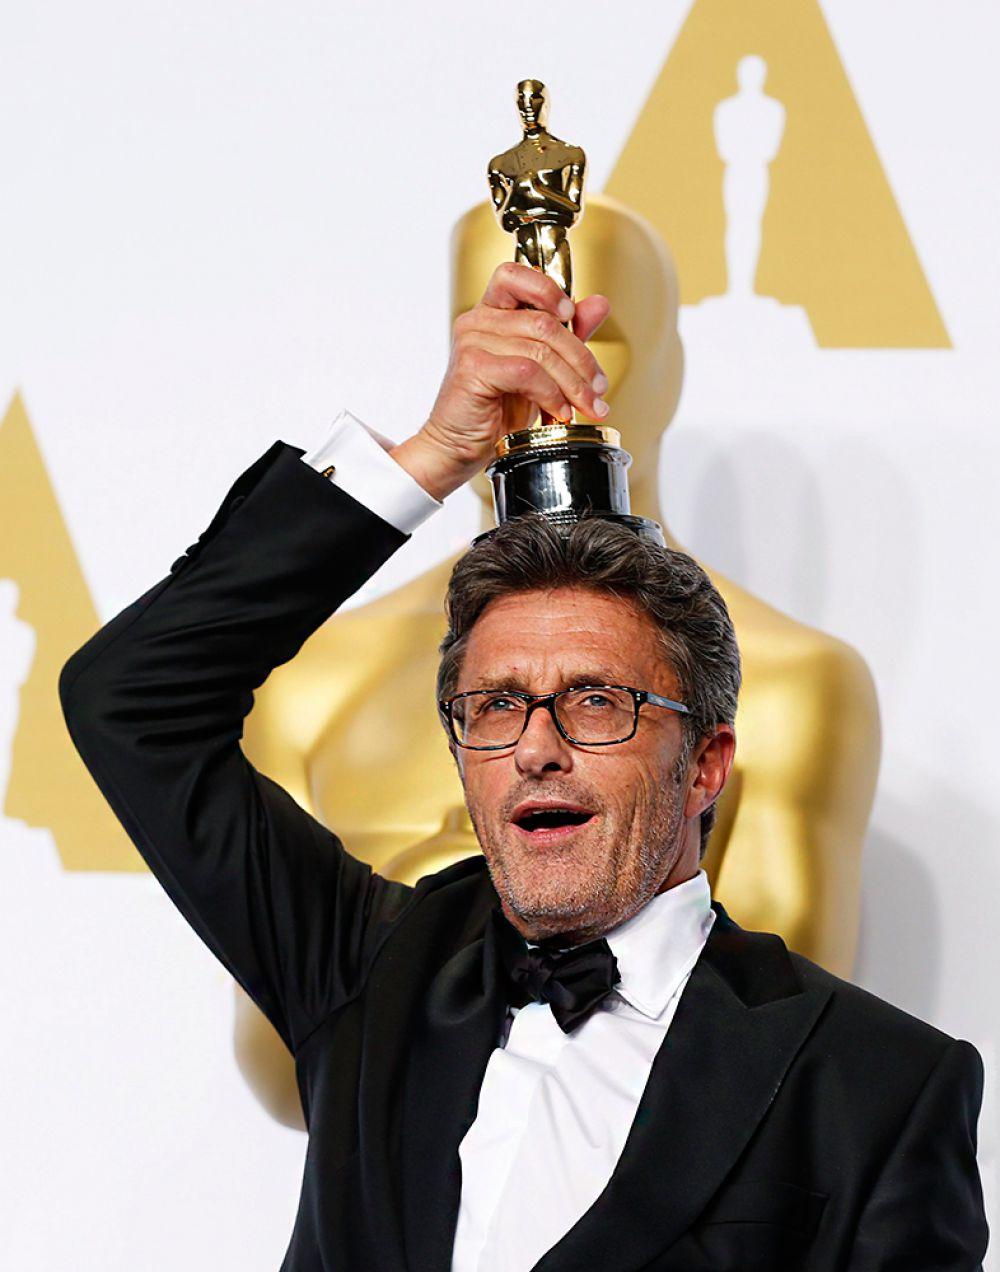 «Ида» польского режиссера Павла Павликовского завоевала «Оскар» в номинации «Лучший фильм на иностранном языке», оставив без награды российскую картину «Левиафан».